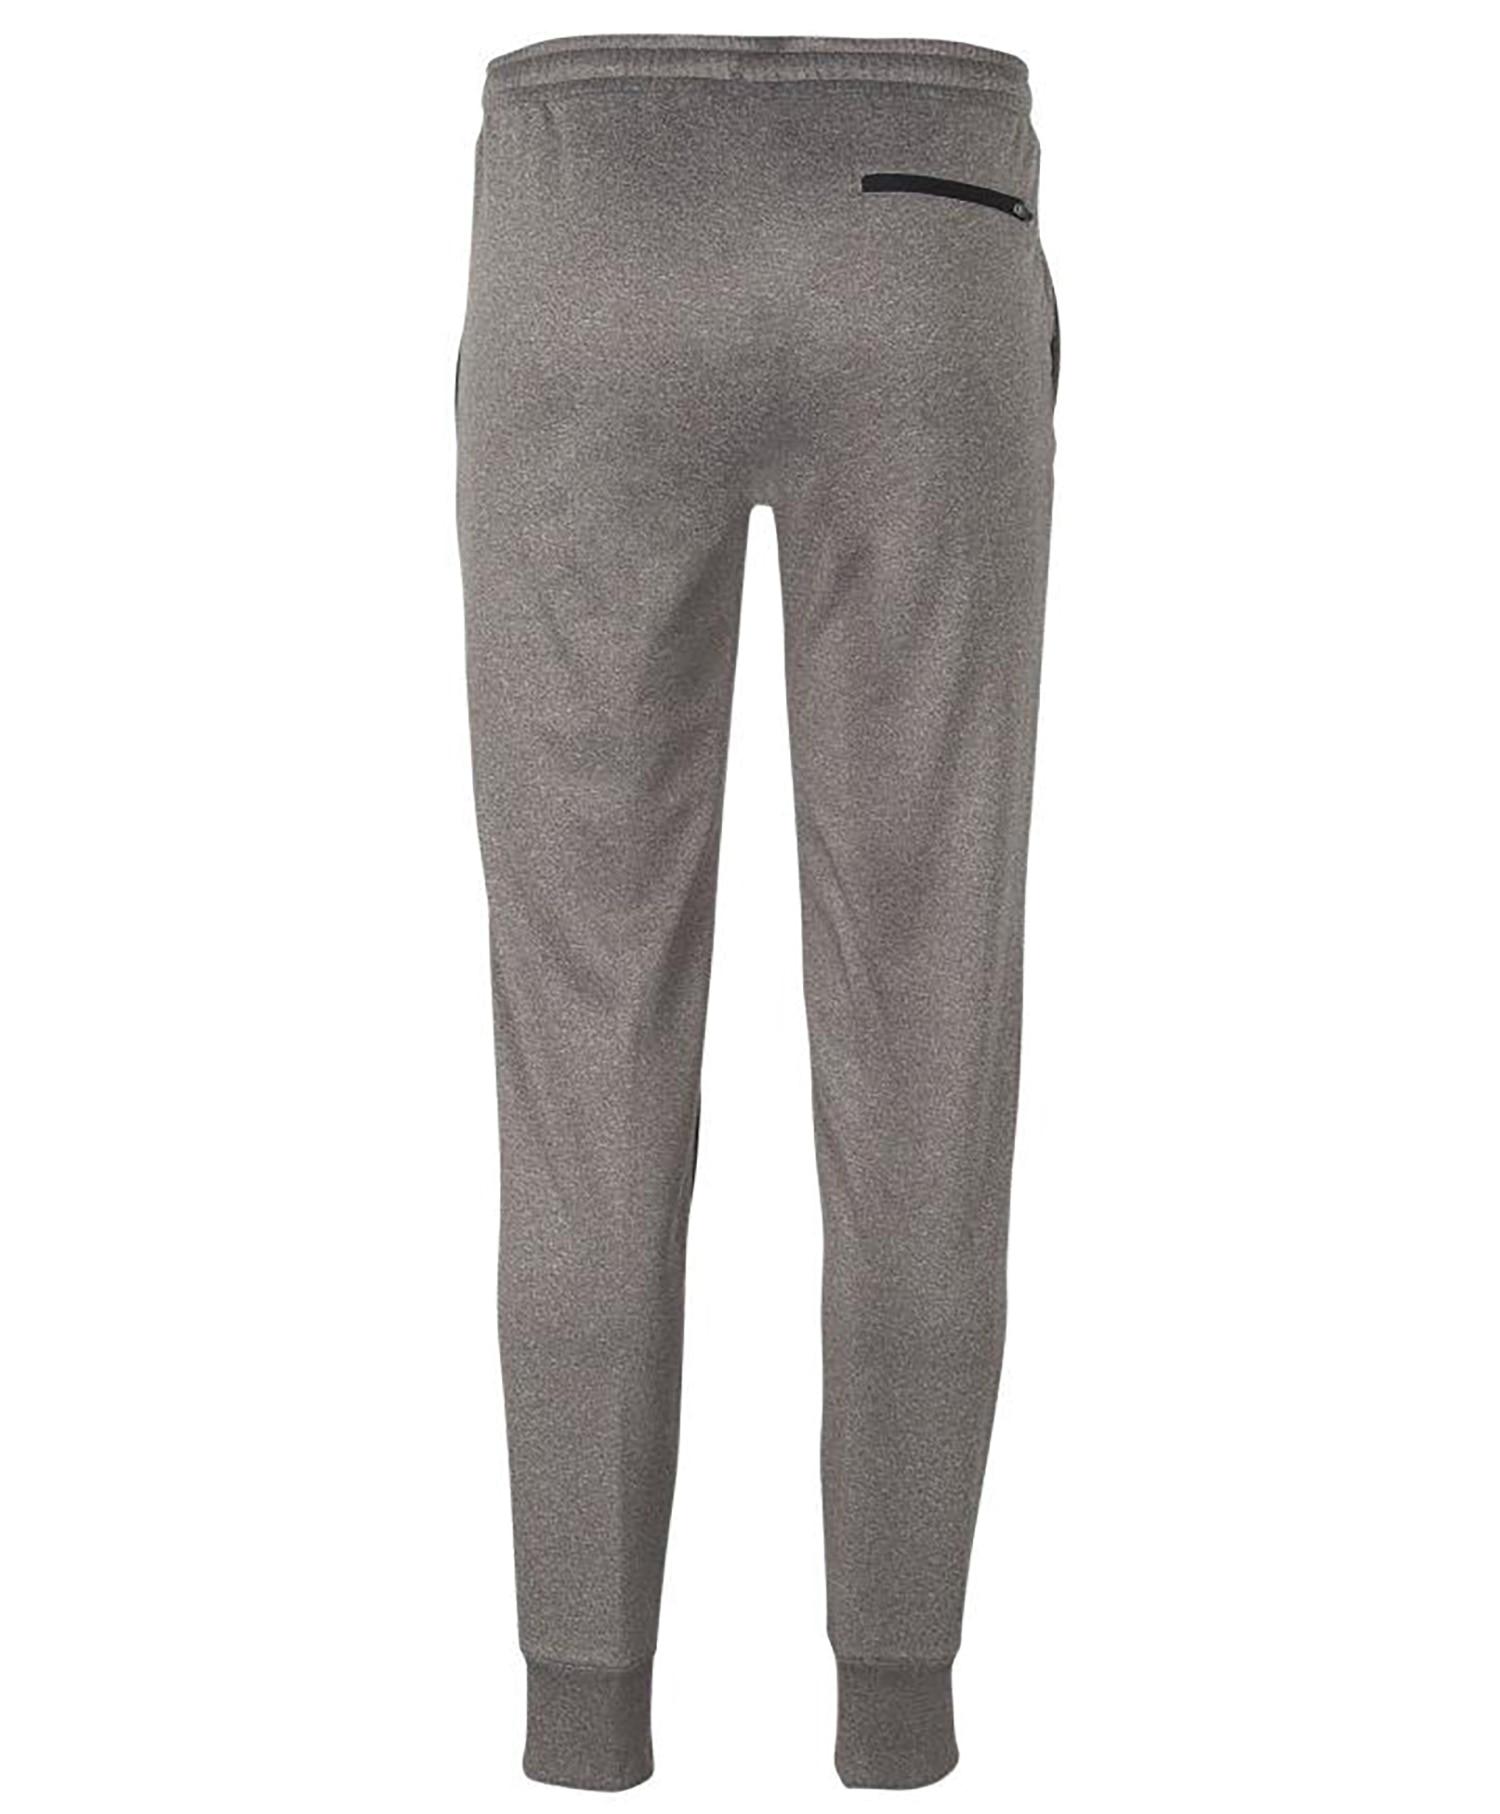 Umbro Core Tech Pant